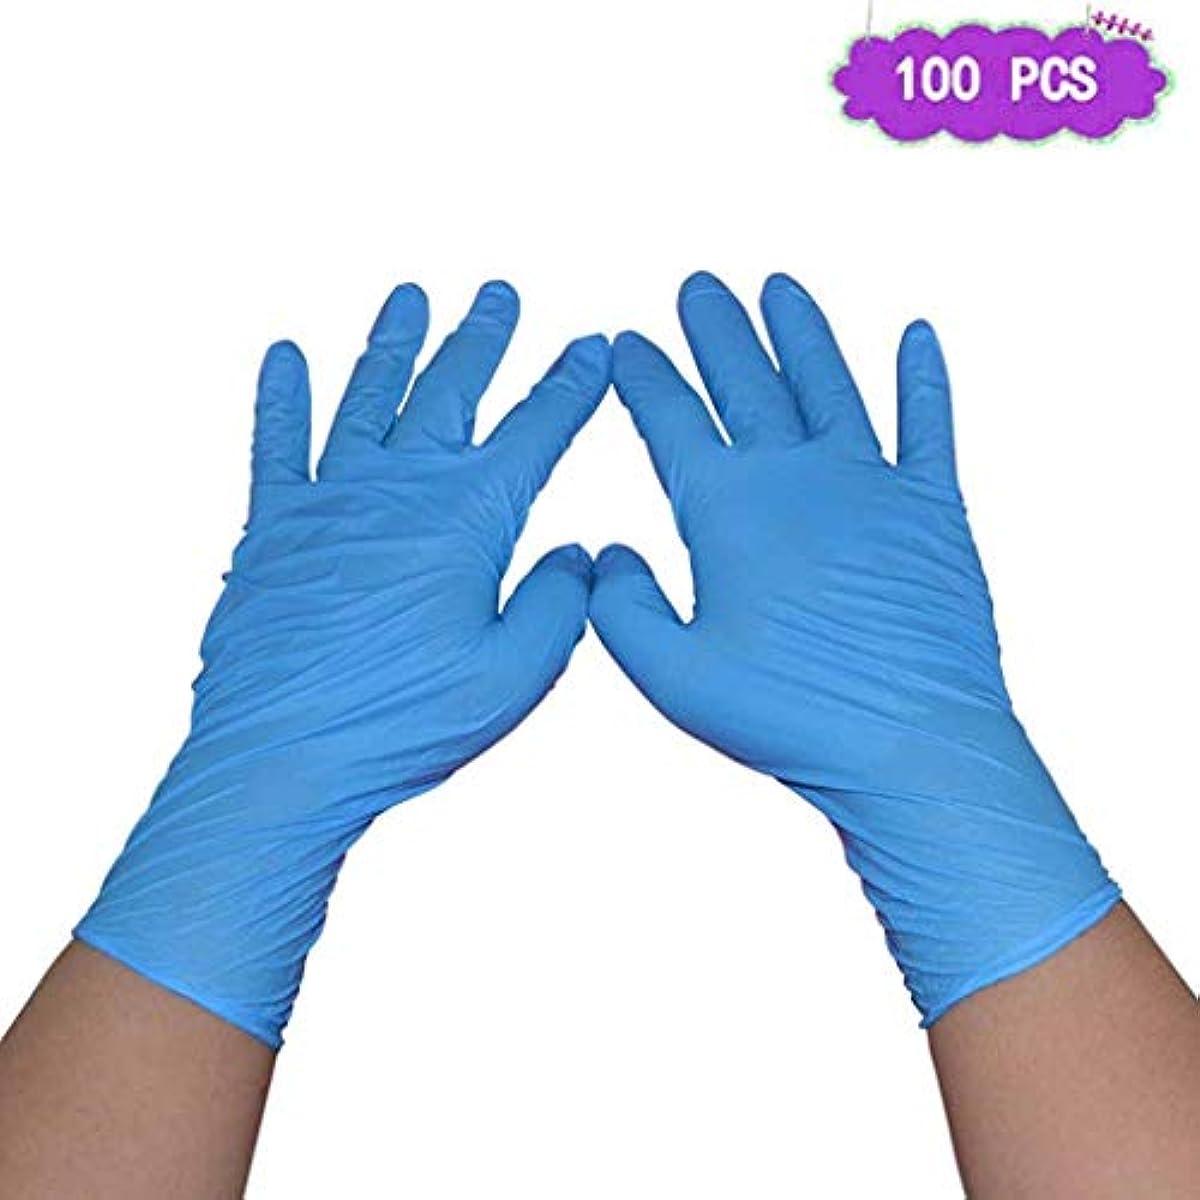 バター一節上12インチの長い肥厚ニトリル手袋使い捨て手袋ニトリルラテックス食品試験ゴム義務試験手袋|病院向けのプロフェッショナルグレード (Size : M)